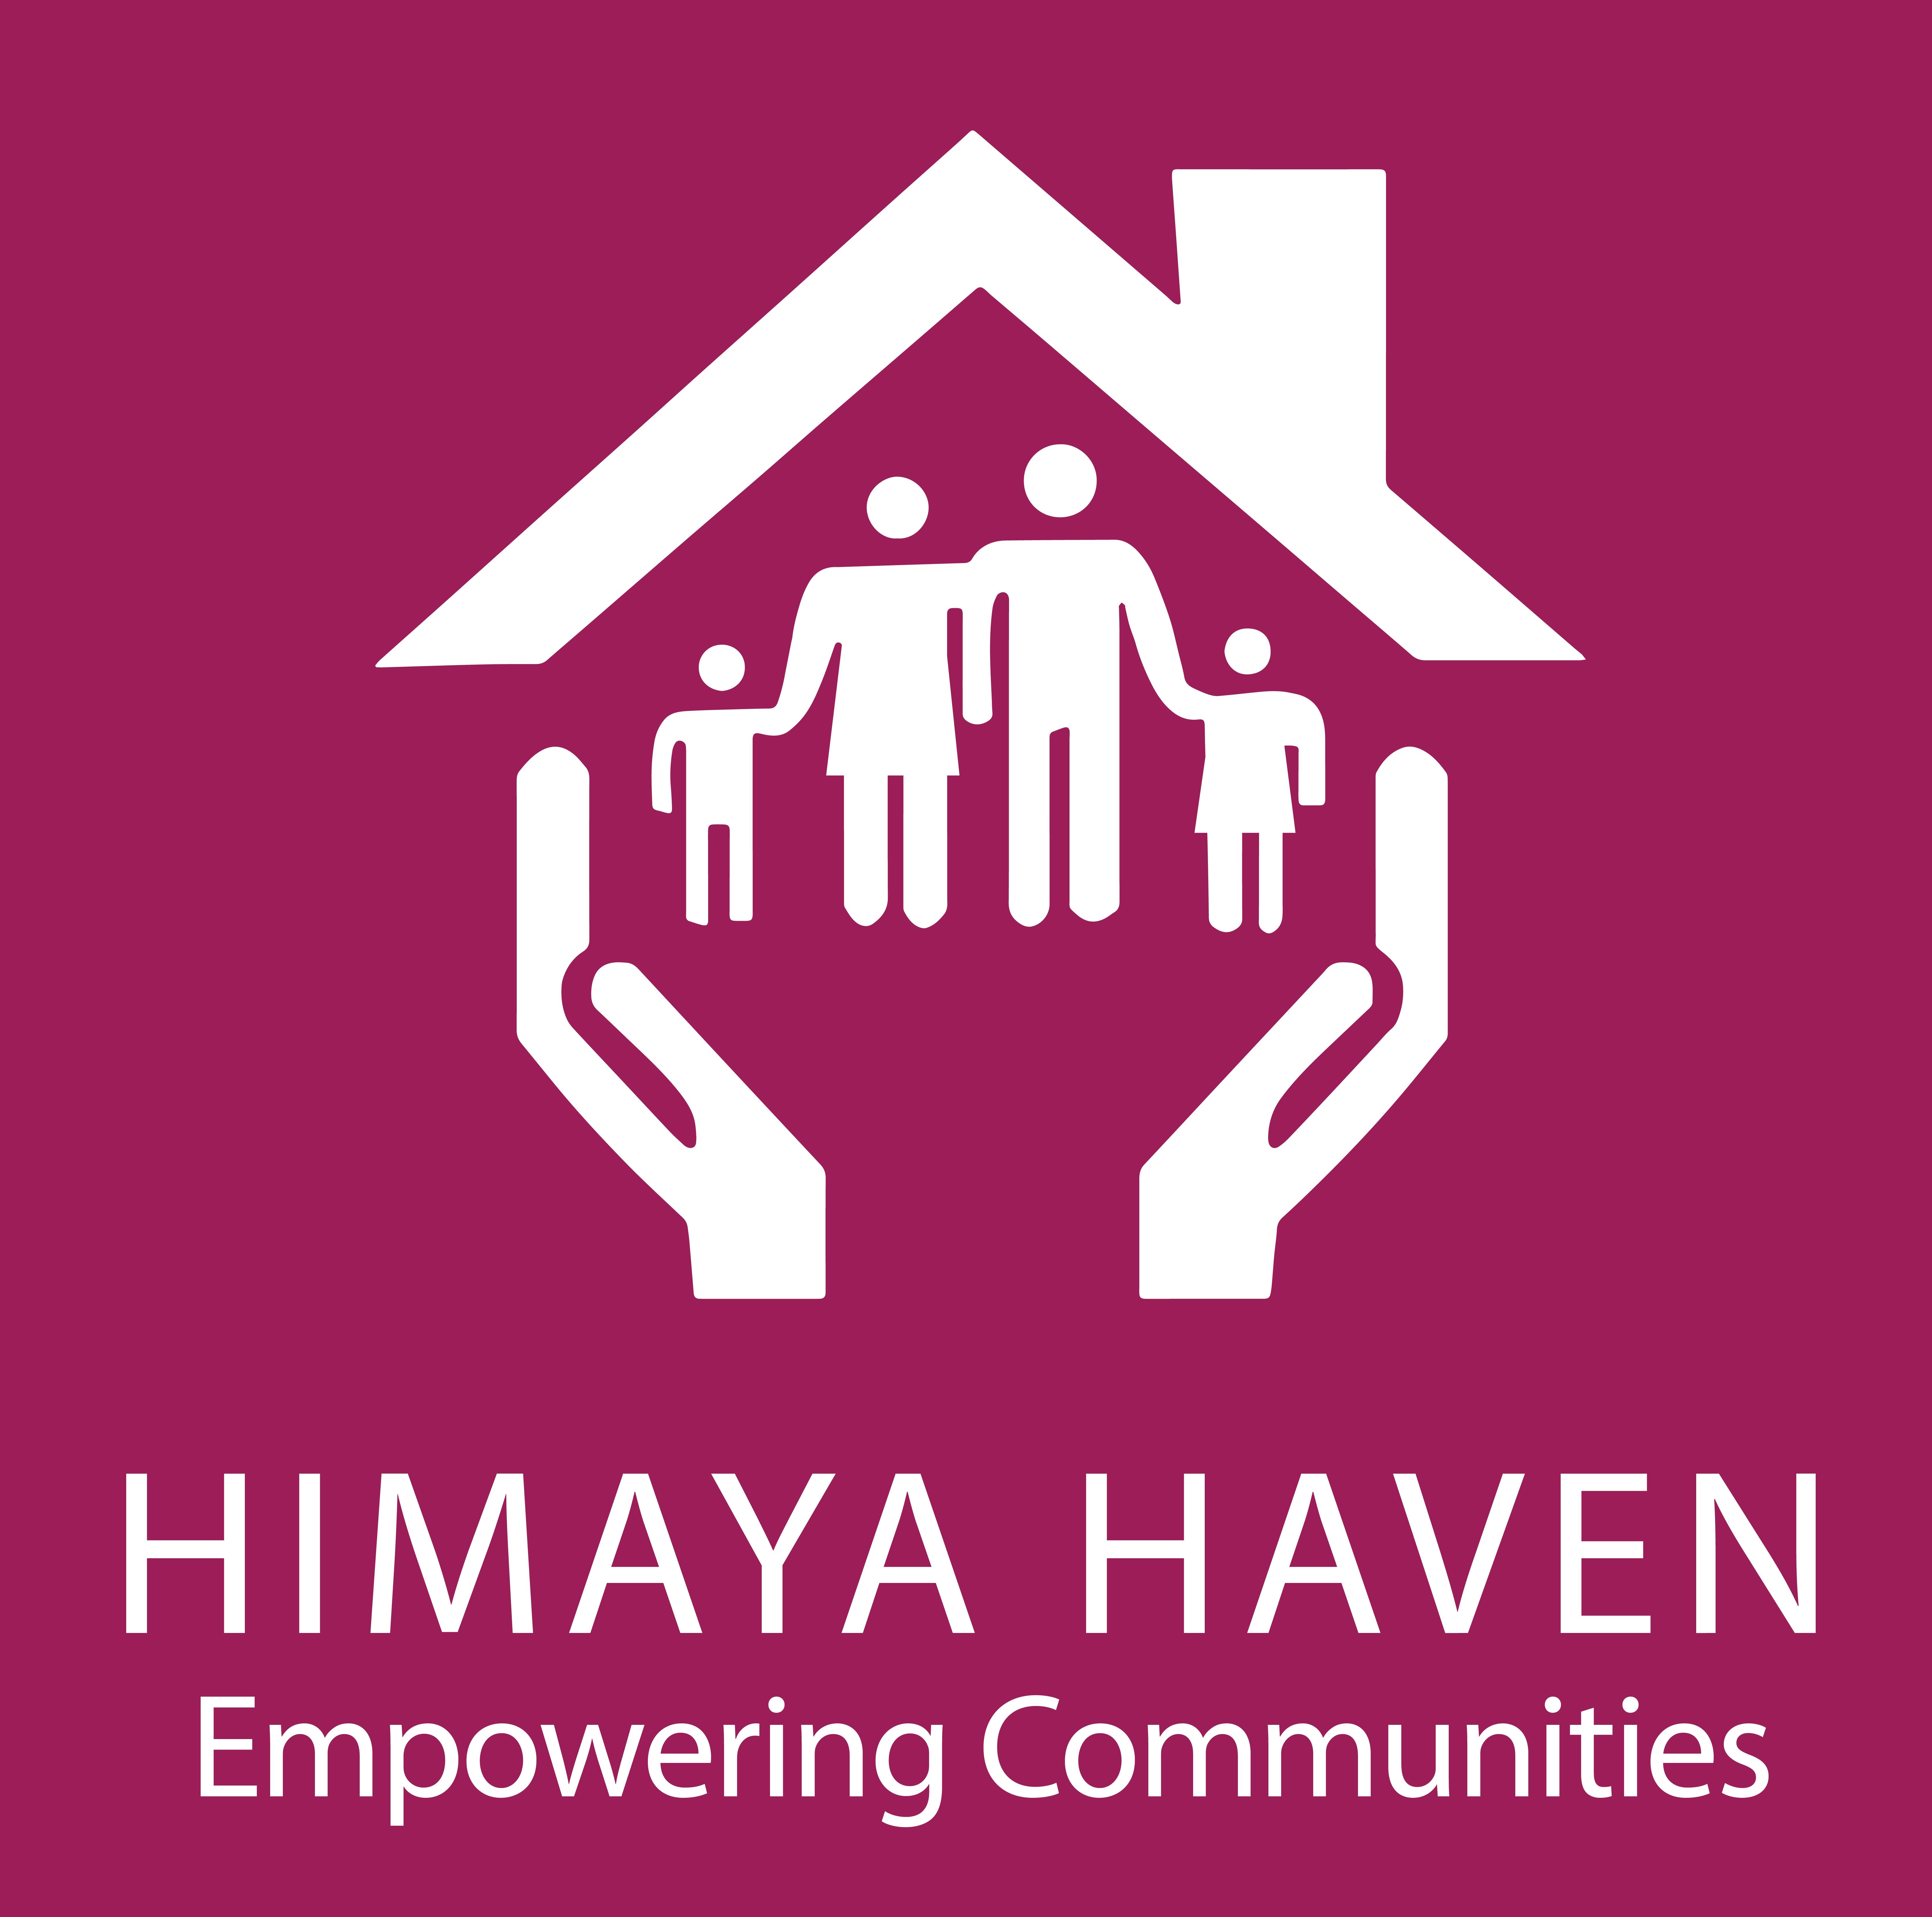 Himaya Haven CIC